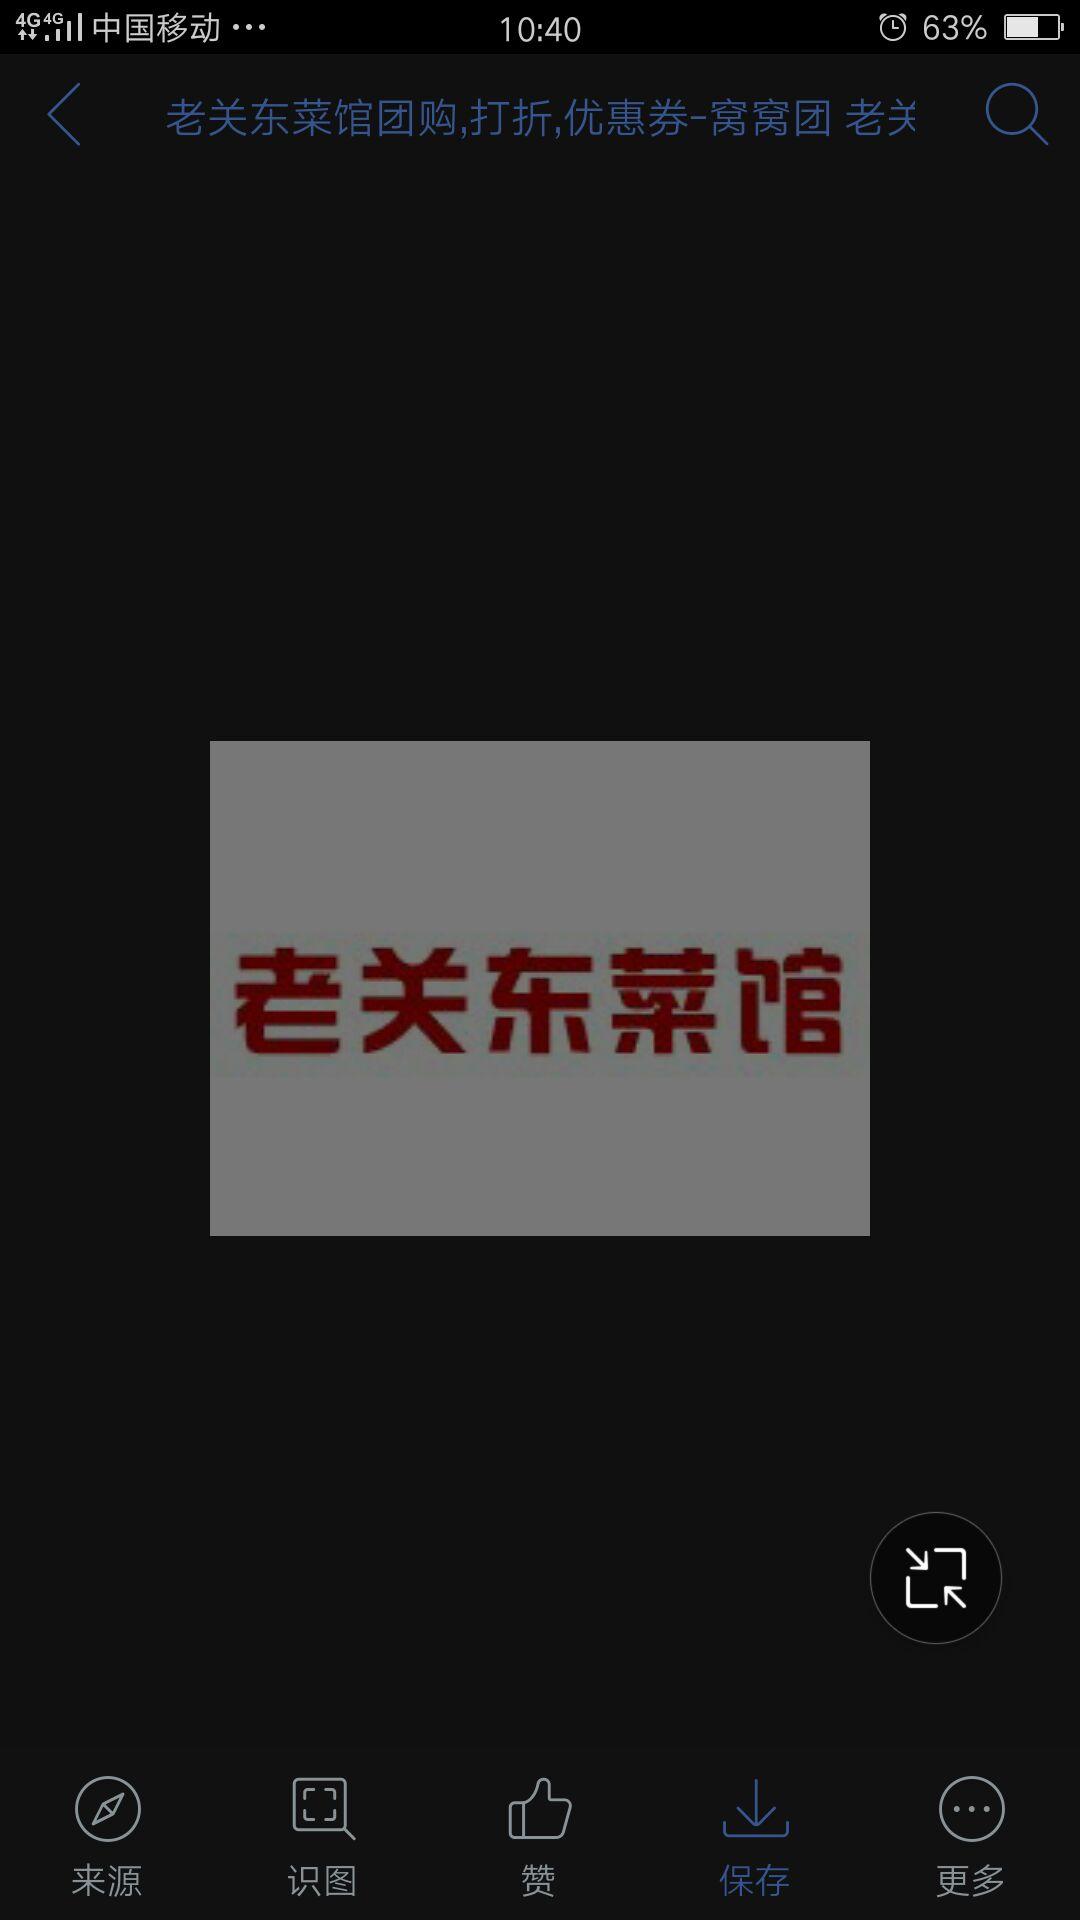 鲜花阁(兴庆路店)